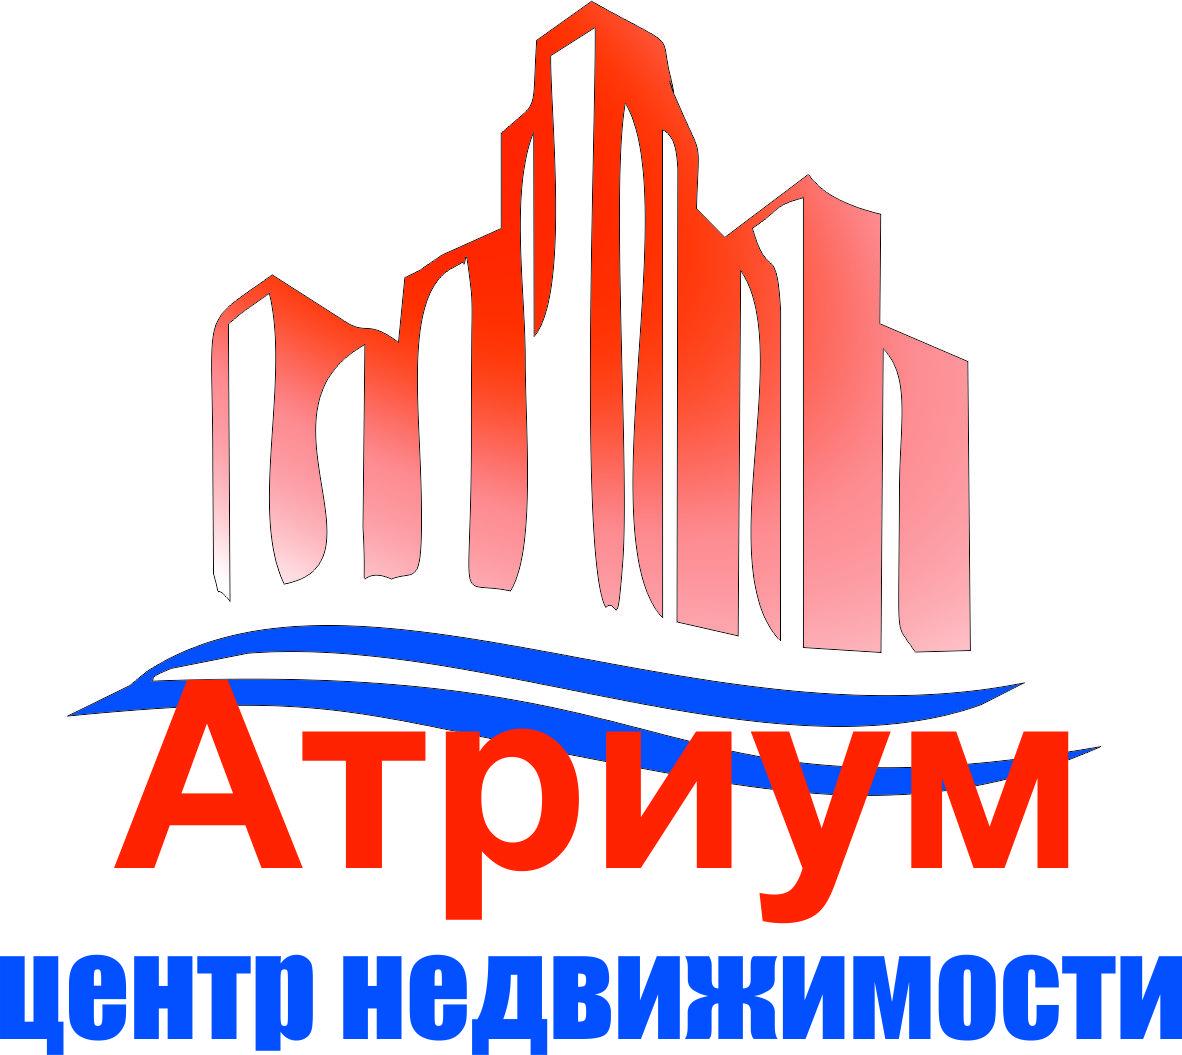 Редизайн / модернизация логотипа Центра недвижимости фото f_0135bc7880d367fb.jpg